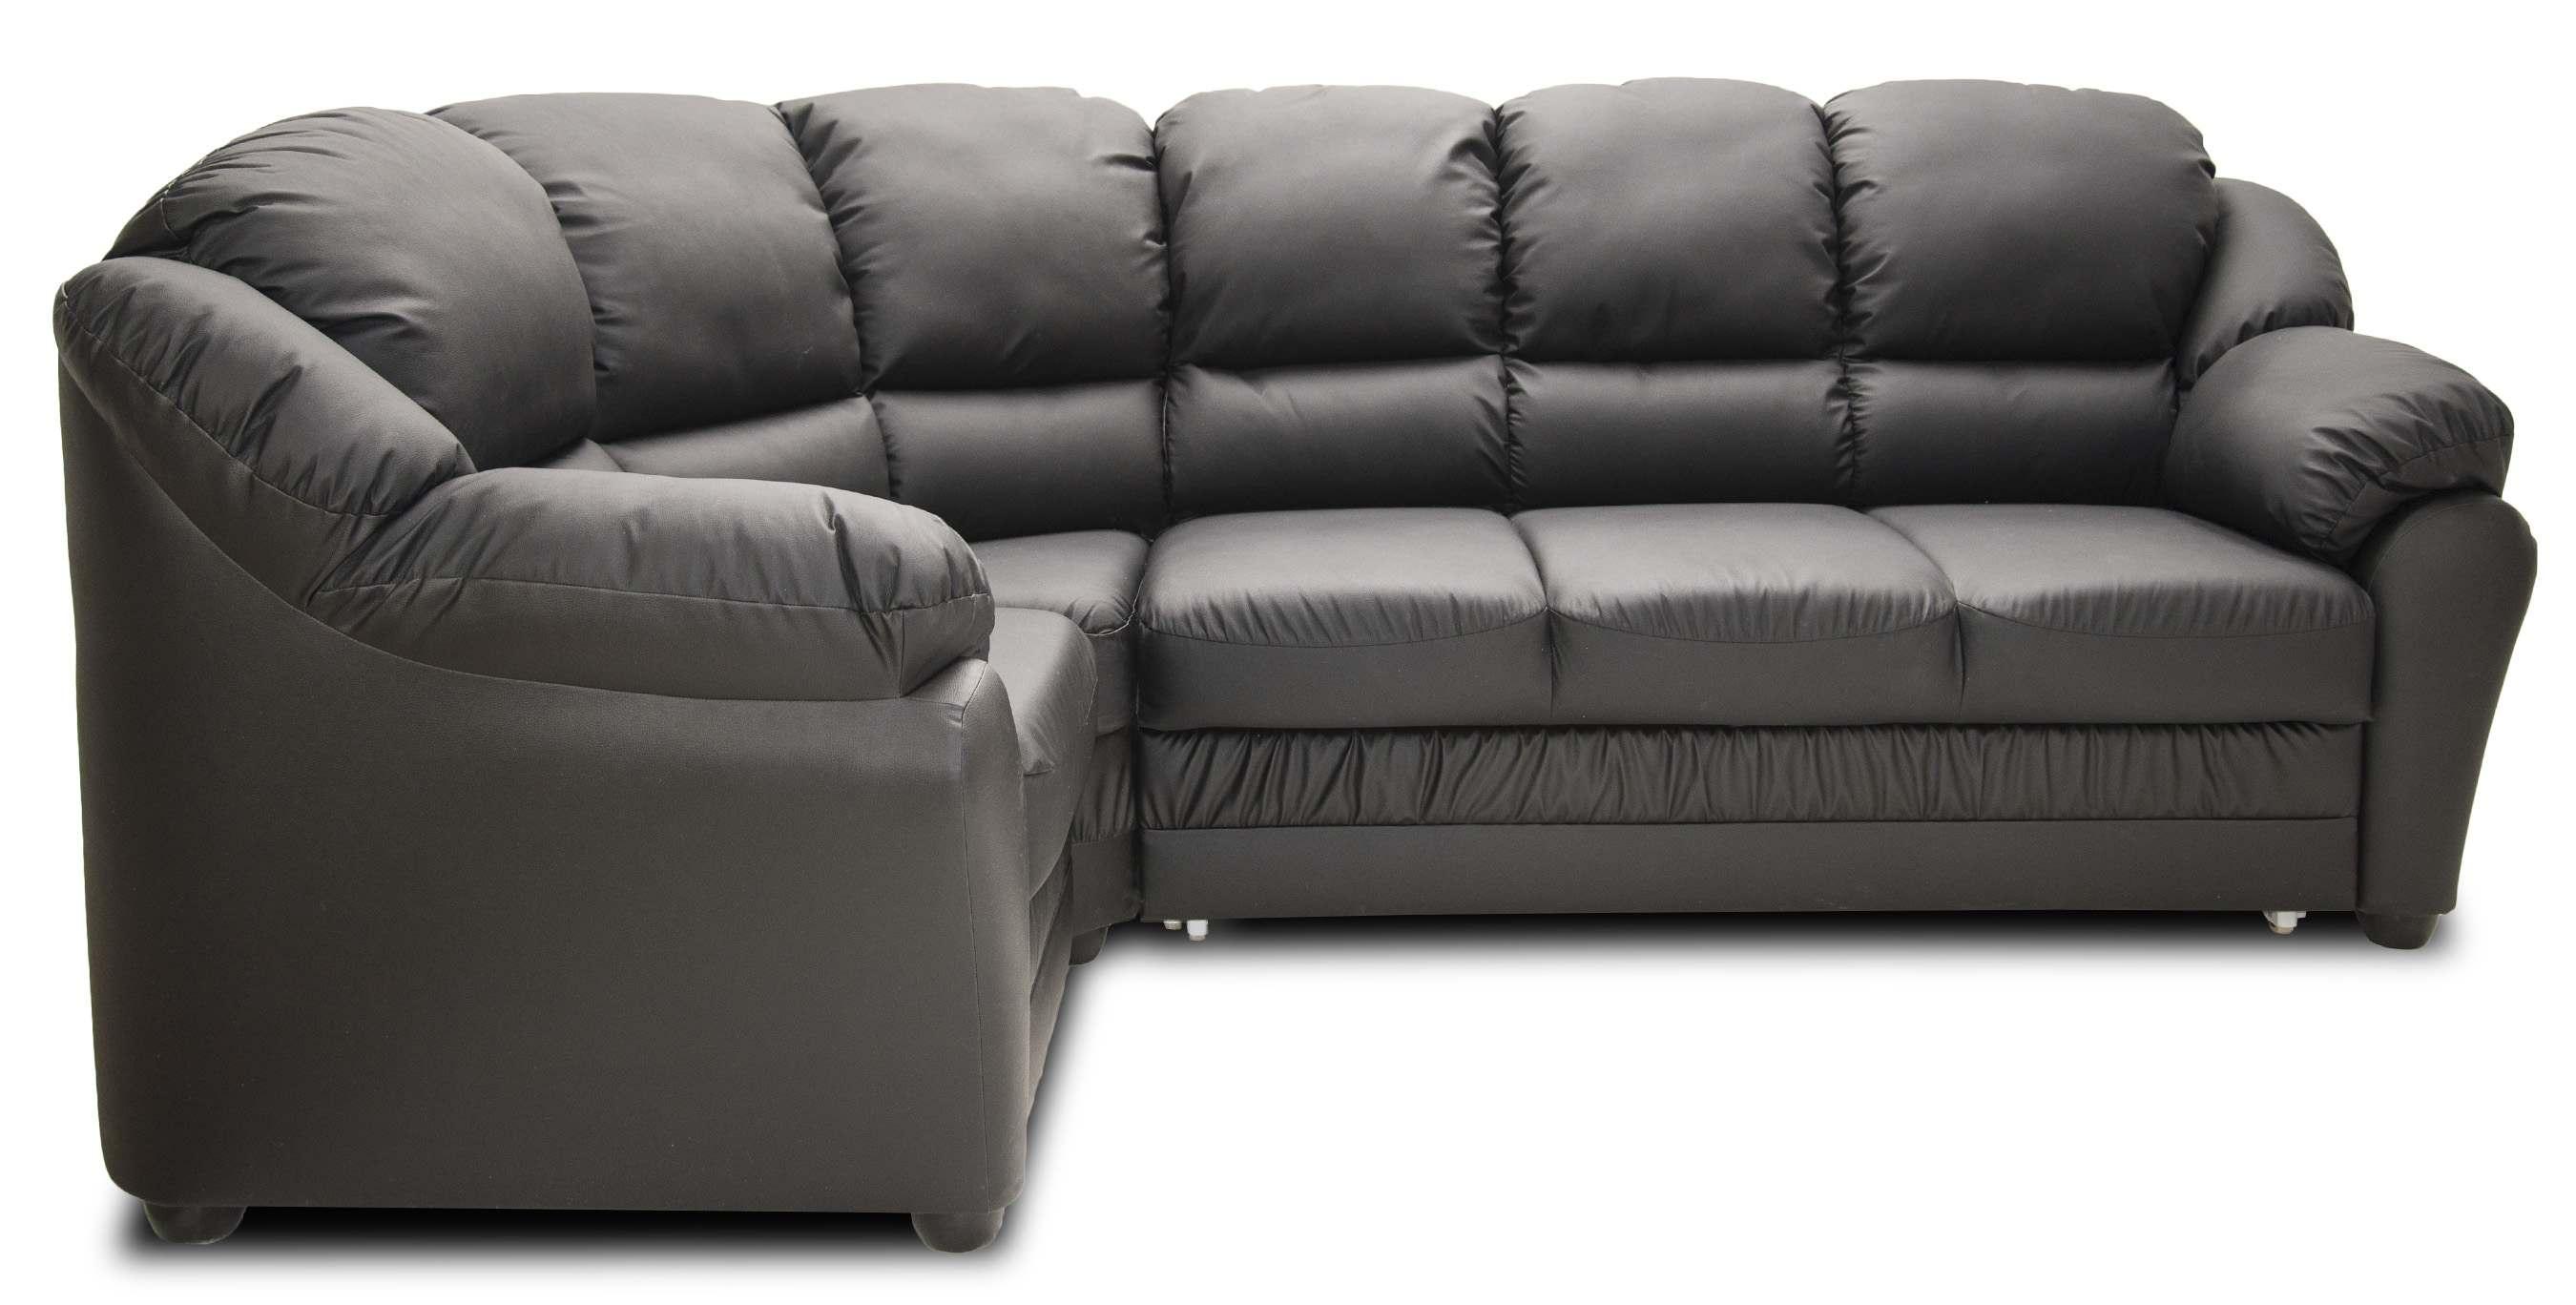 бруно диван угловой кожаный черный материал обивки кожа купить